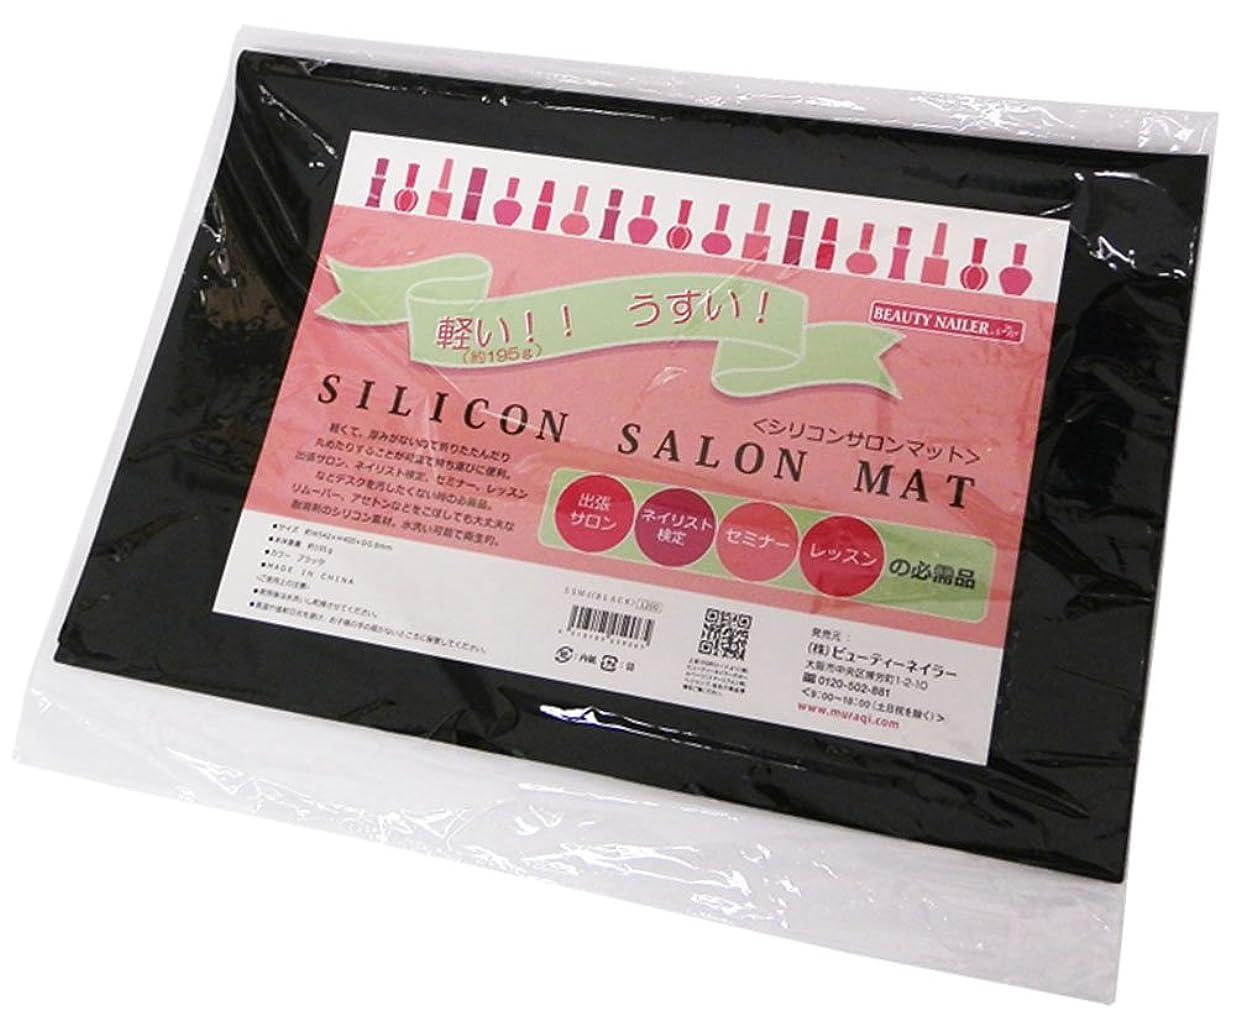 連邦ぶどう市長ビューティーネイラー ネイルアートパーツ SILICONSALON MAT SSM-1 ブラック